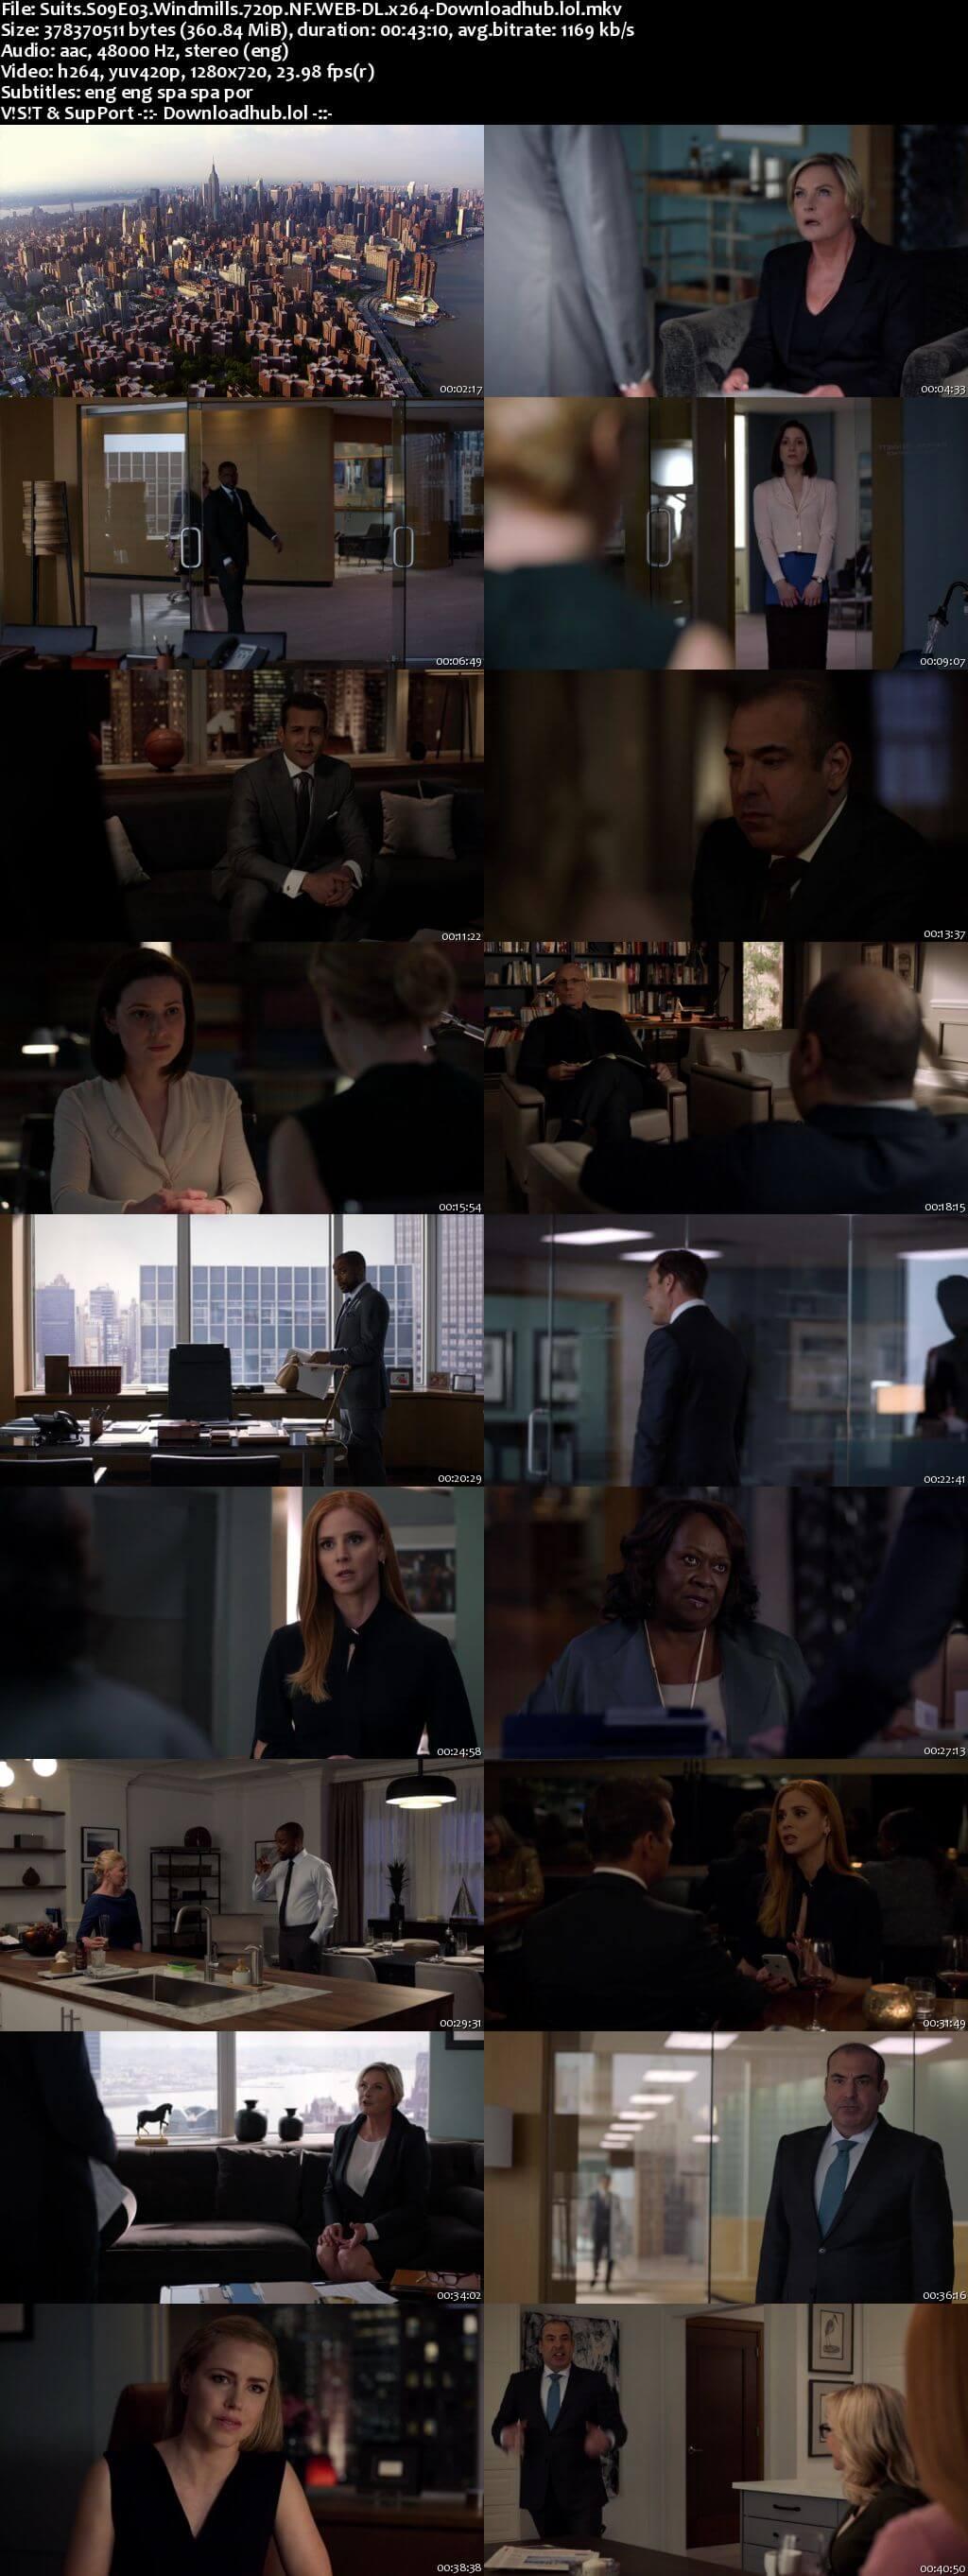 Suits S09E03 350MB Web-DL 720p x264 ESubs